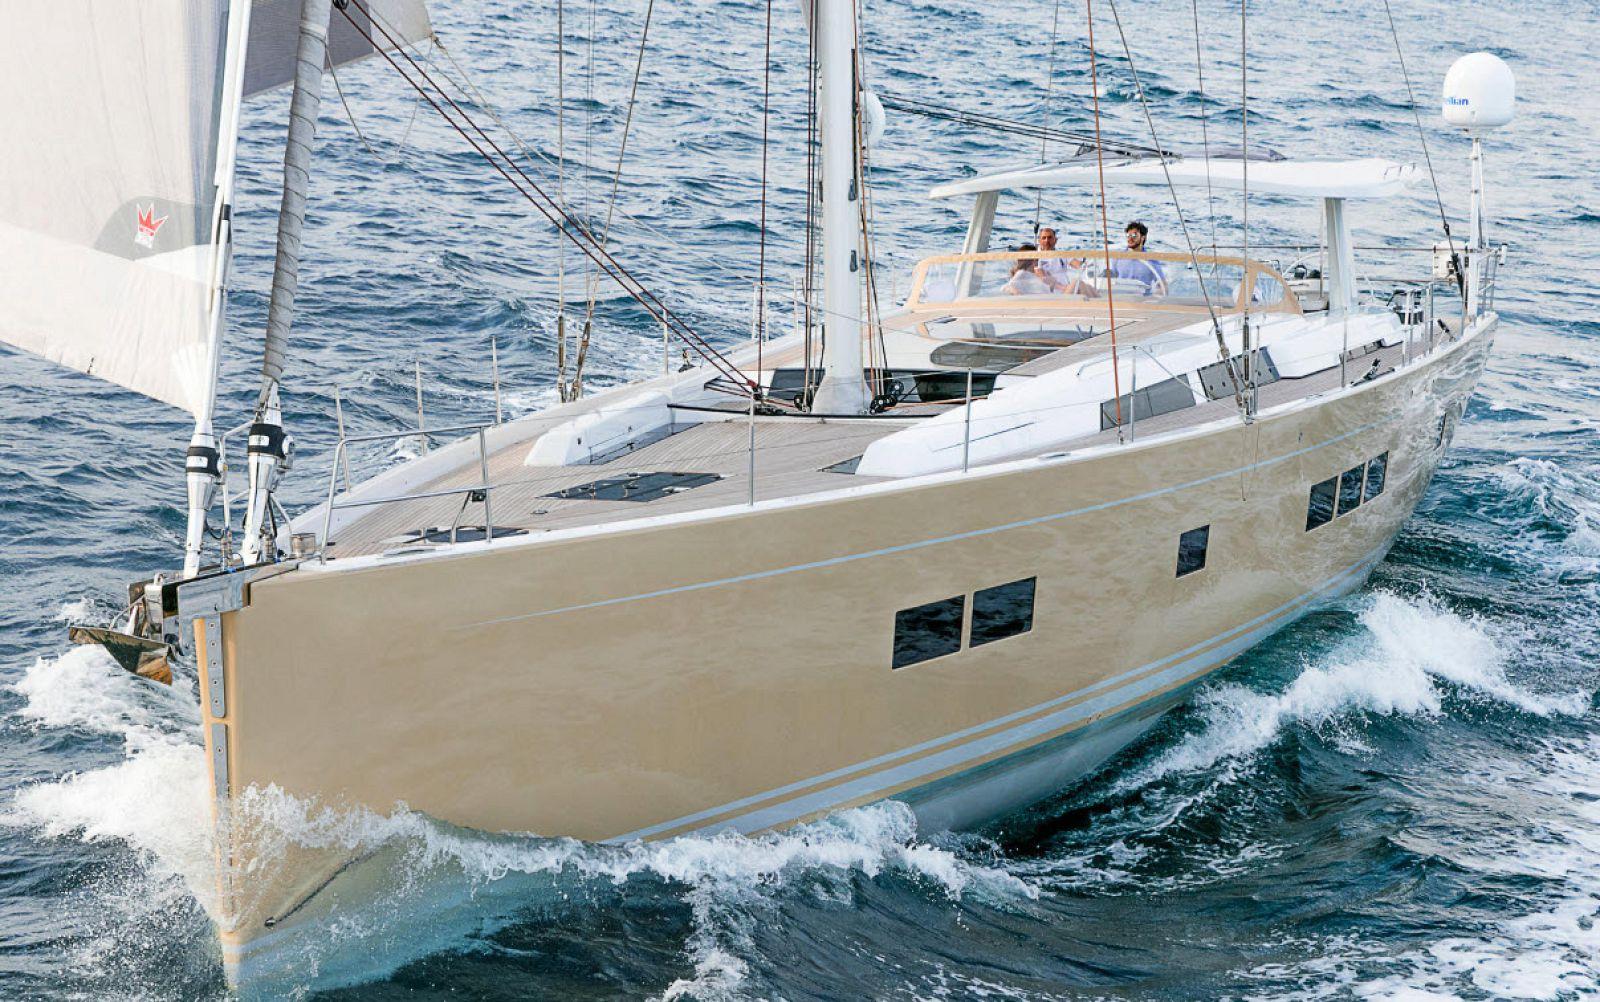 Bow on the Hanse 675